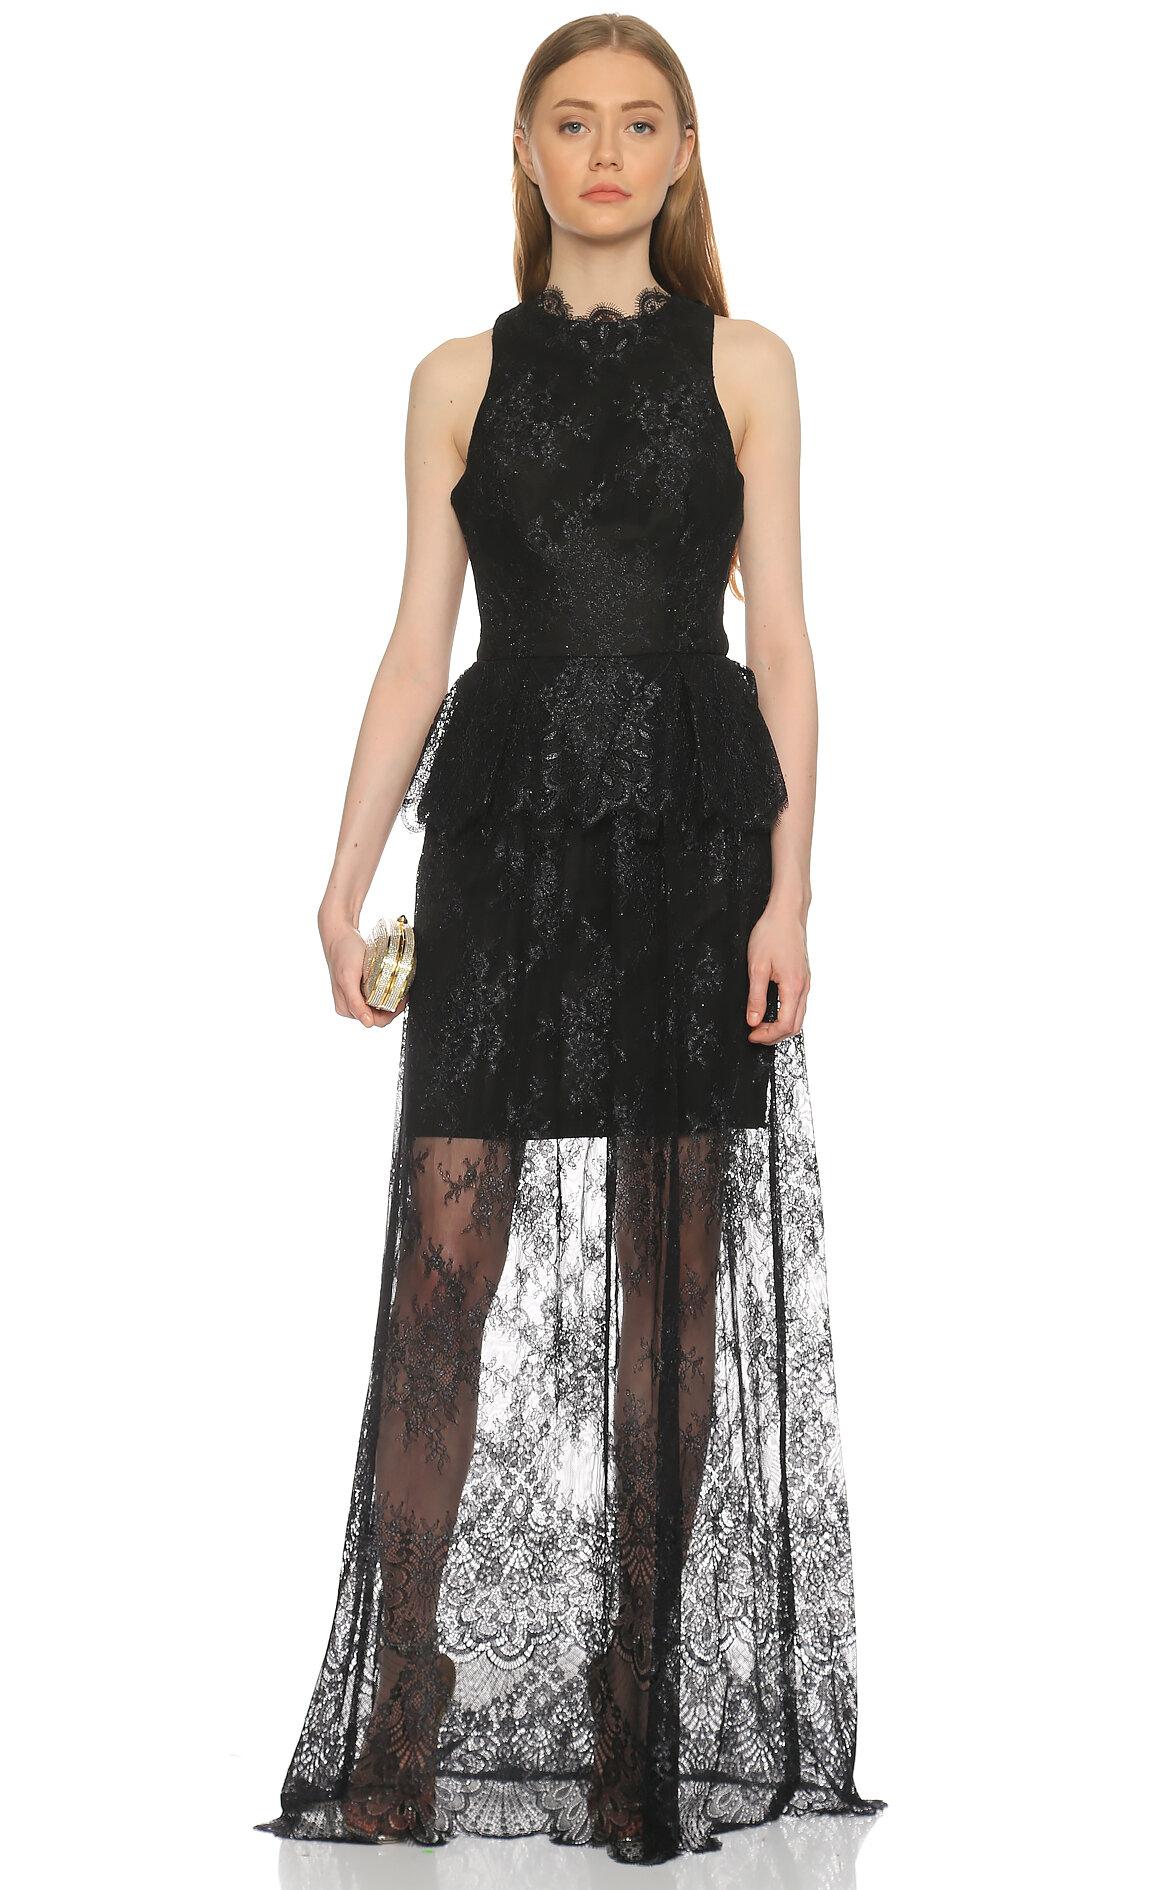 Ml Monique Lhuillier-Ml Monique Lhuillier Dantel Detaylı Siyah Gece Elbisesi